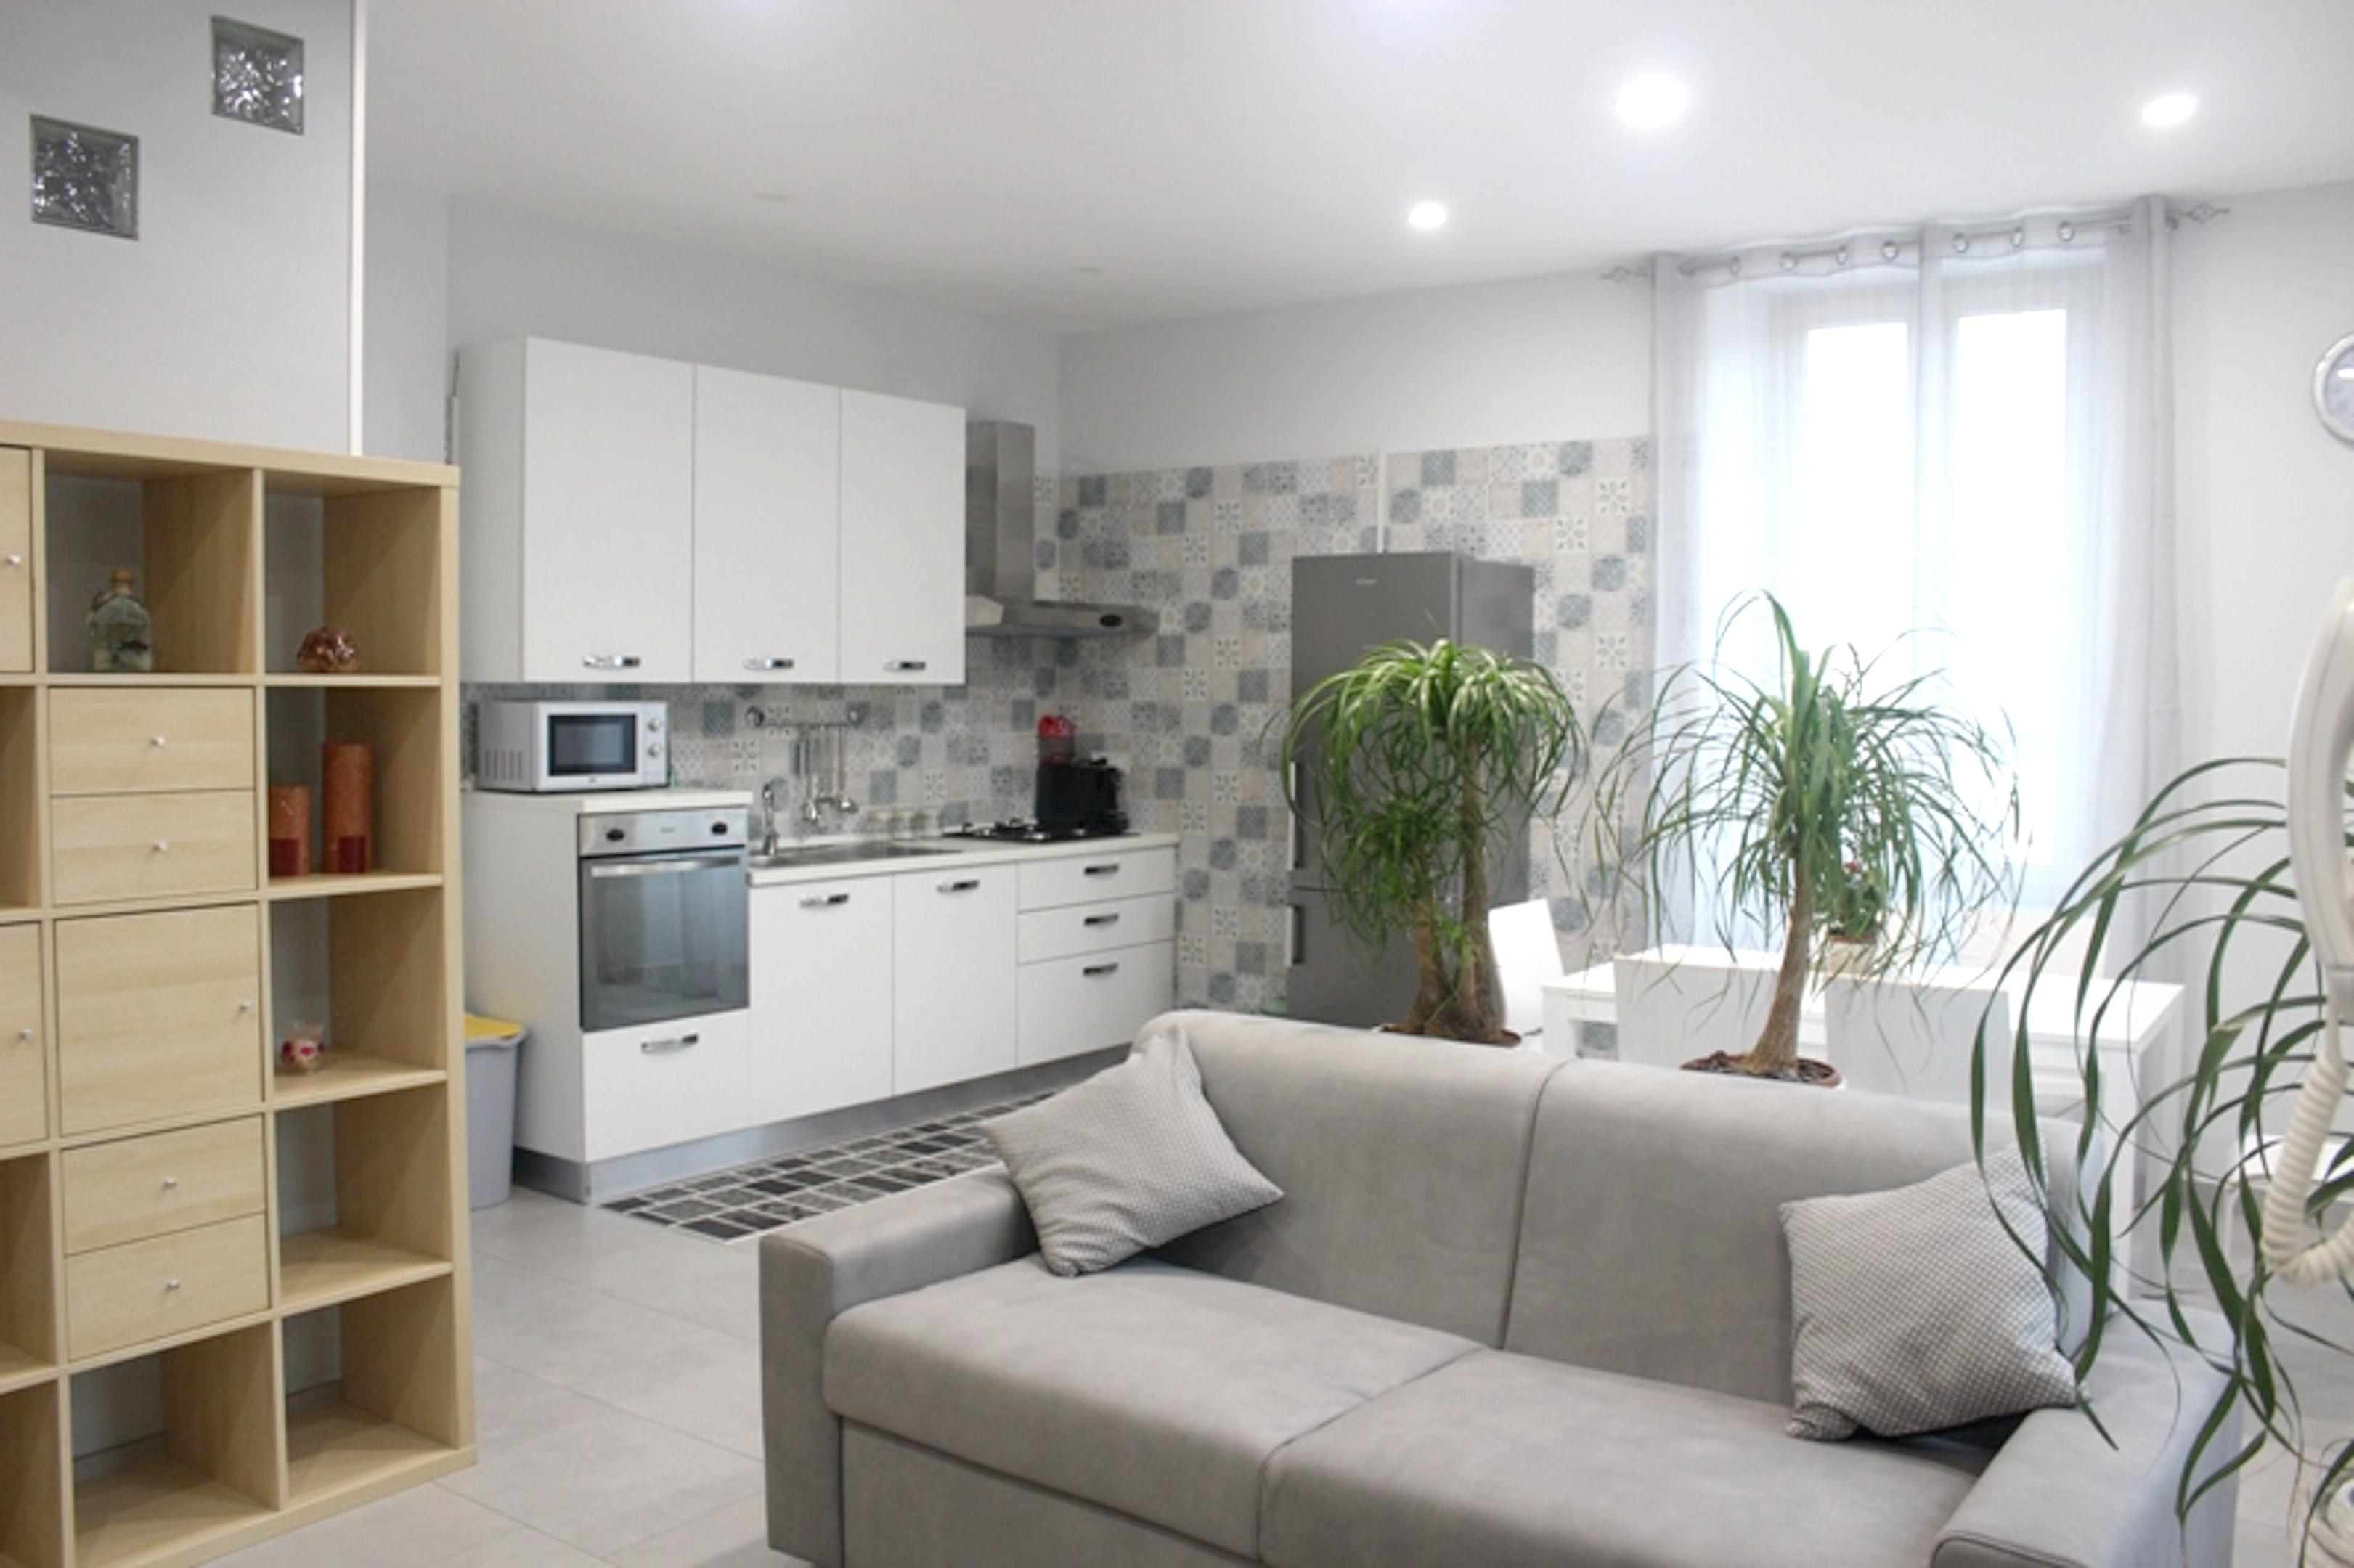 Ferienwohnung Wohnung mit einem Schlafzimmer in Sant'Agnello mit schöner Aussicht auf die Stadt, möblier (2791793), Sant'Agnello, Amalfiküste, Kampanien, Italien, Bild 2